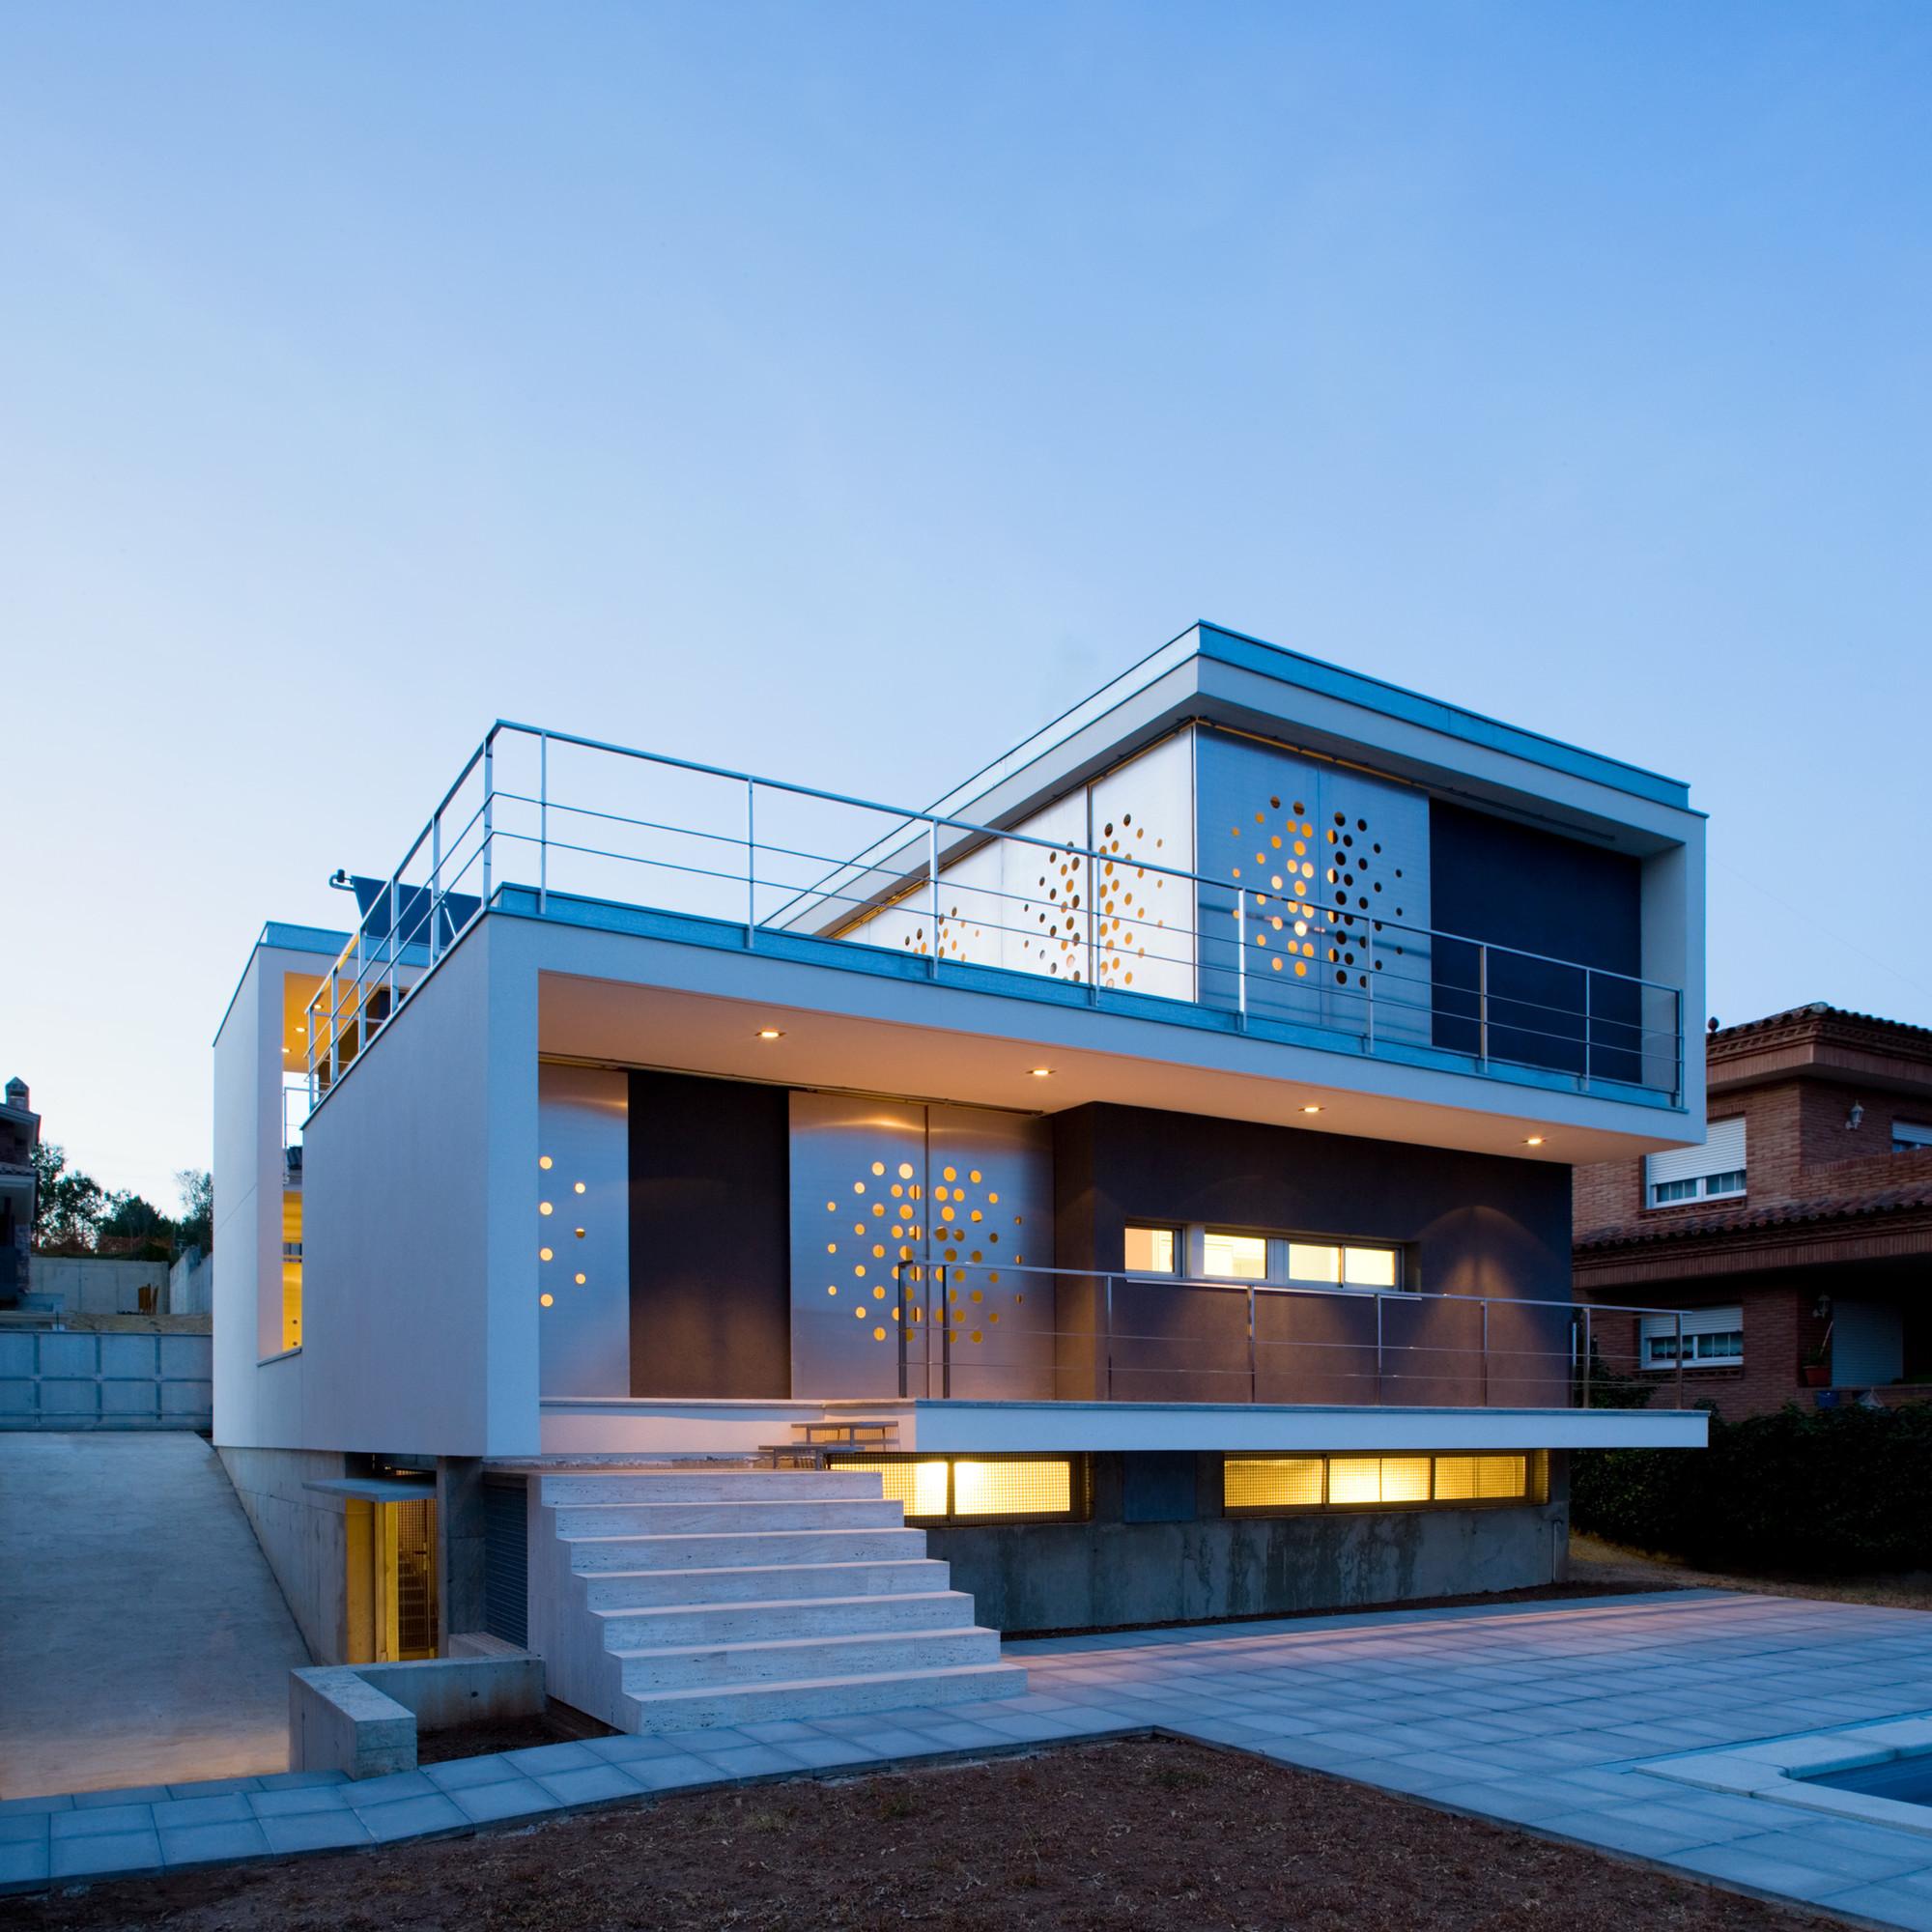 Ch_V House / Aguilera Guerrero, © Pepo Segura